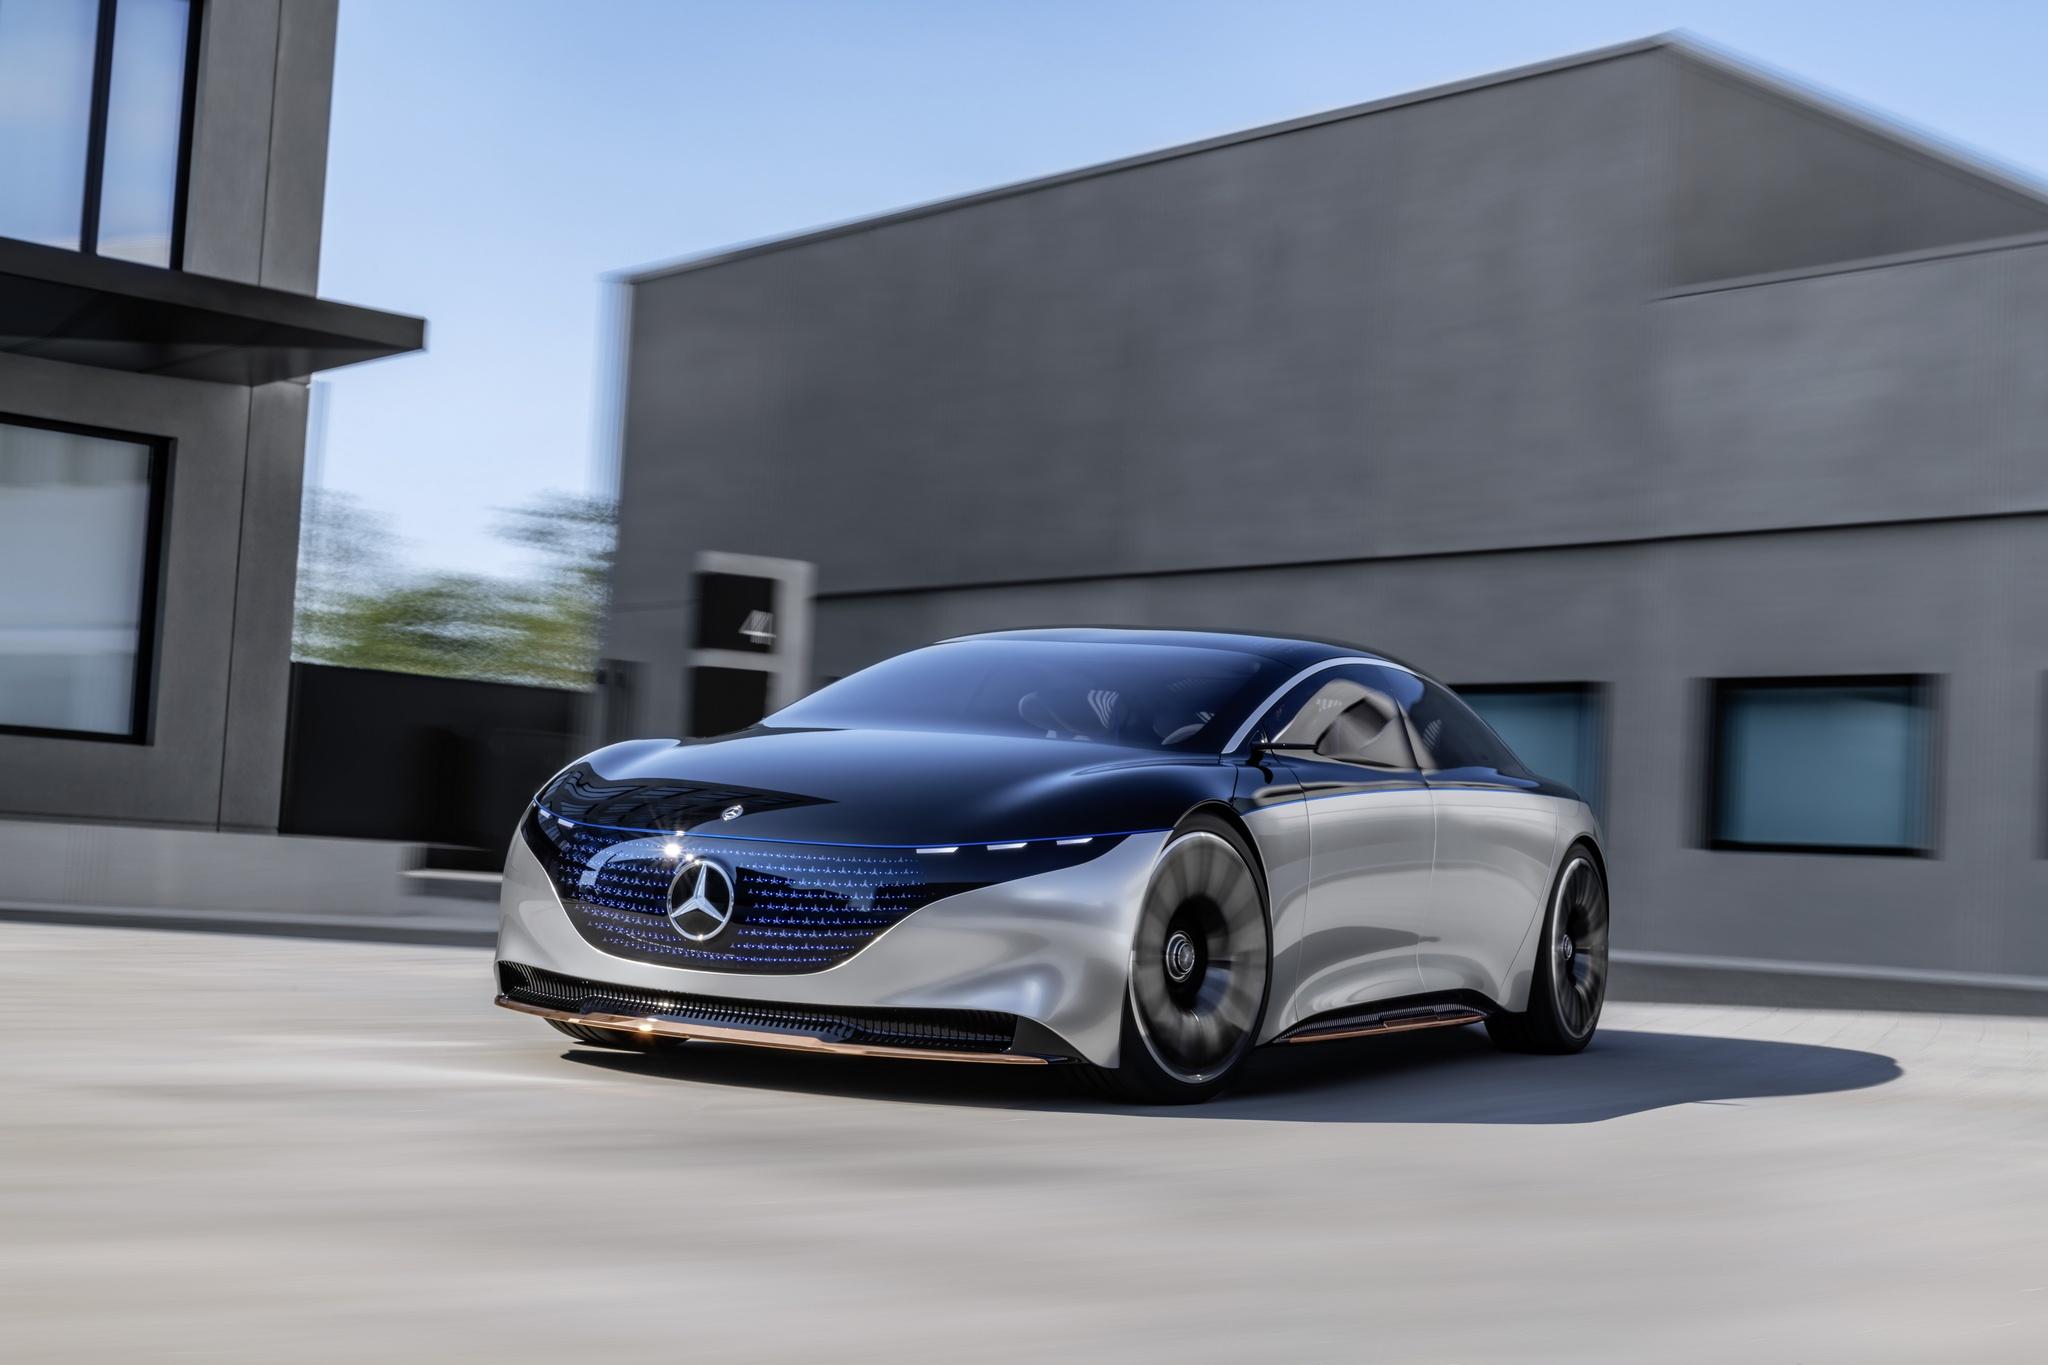 Електричний концепт Mercedes-Benz EQS: вся інформація і фотографії